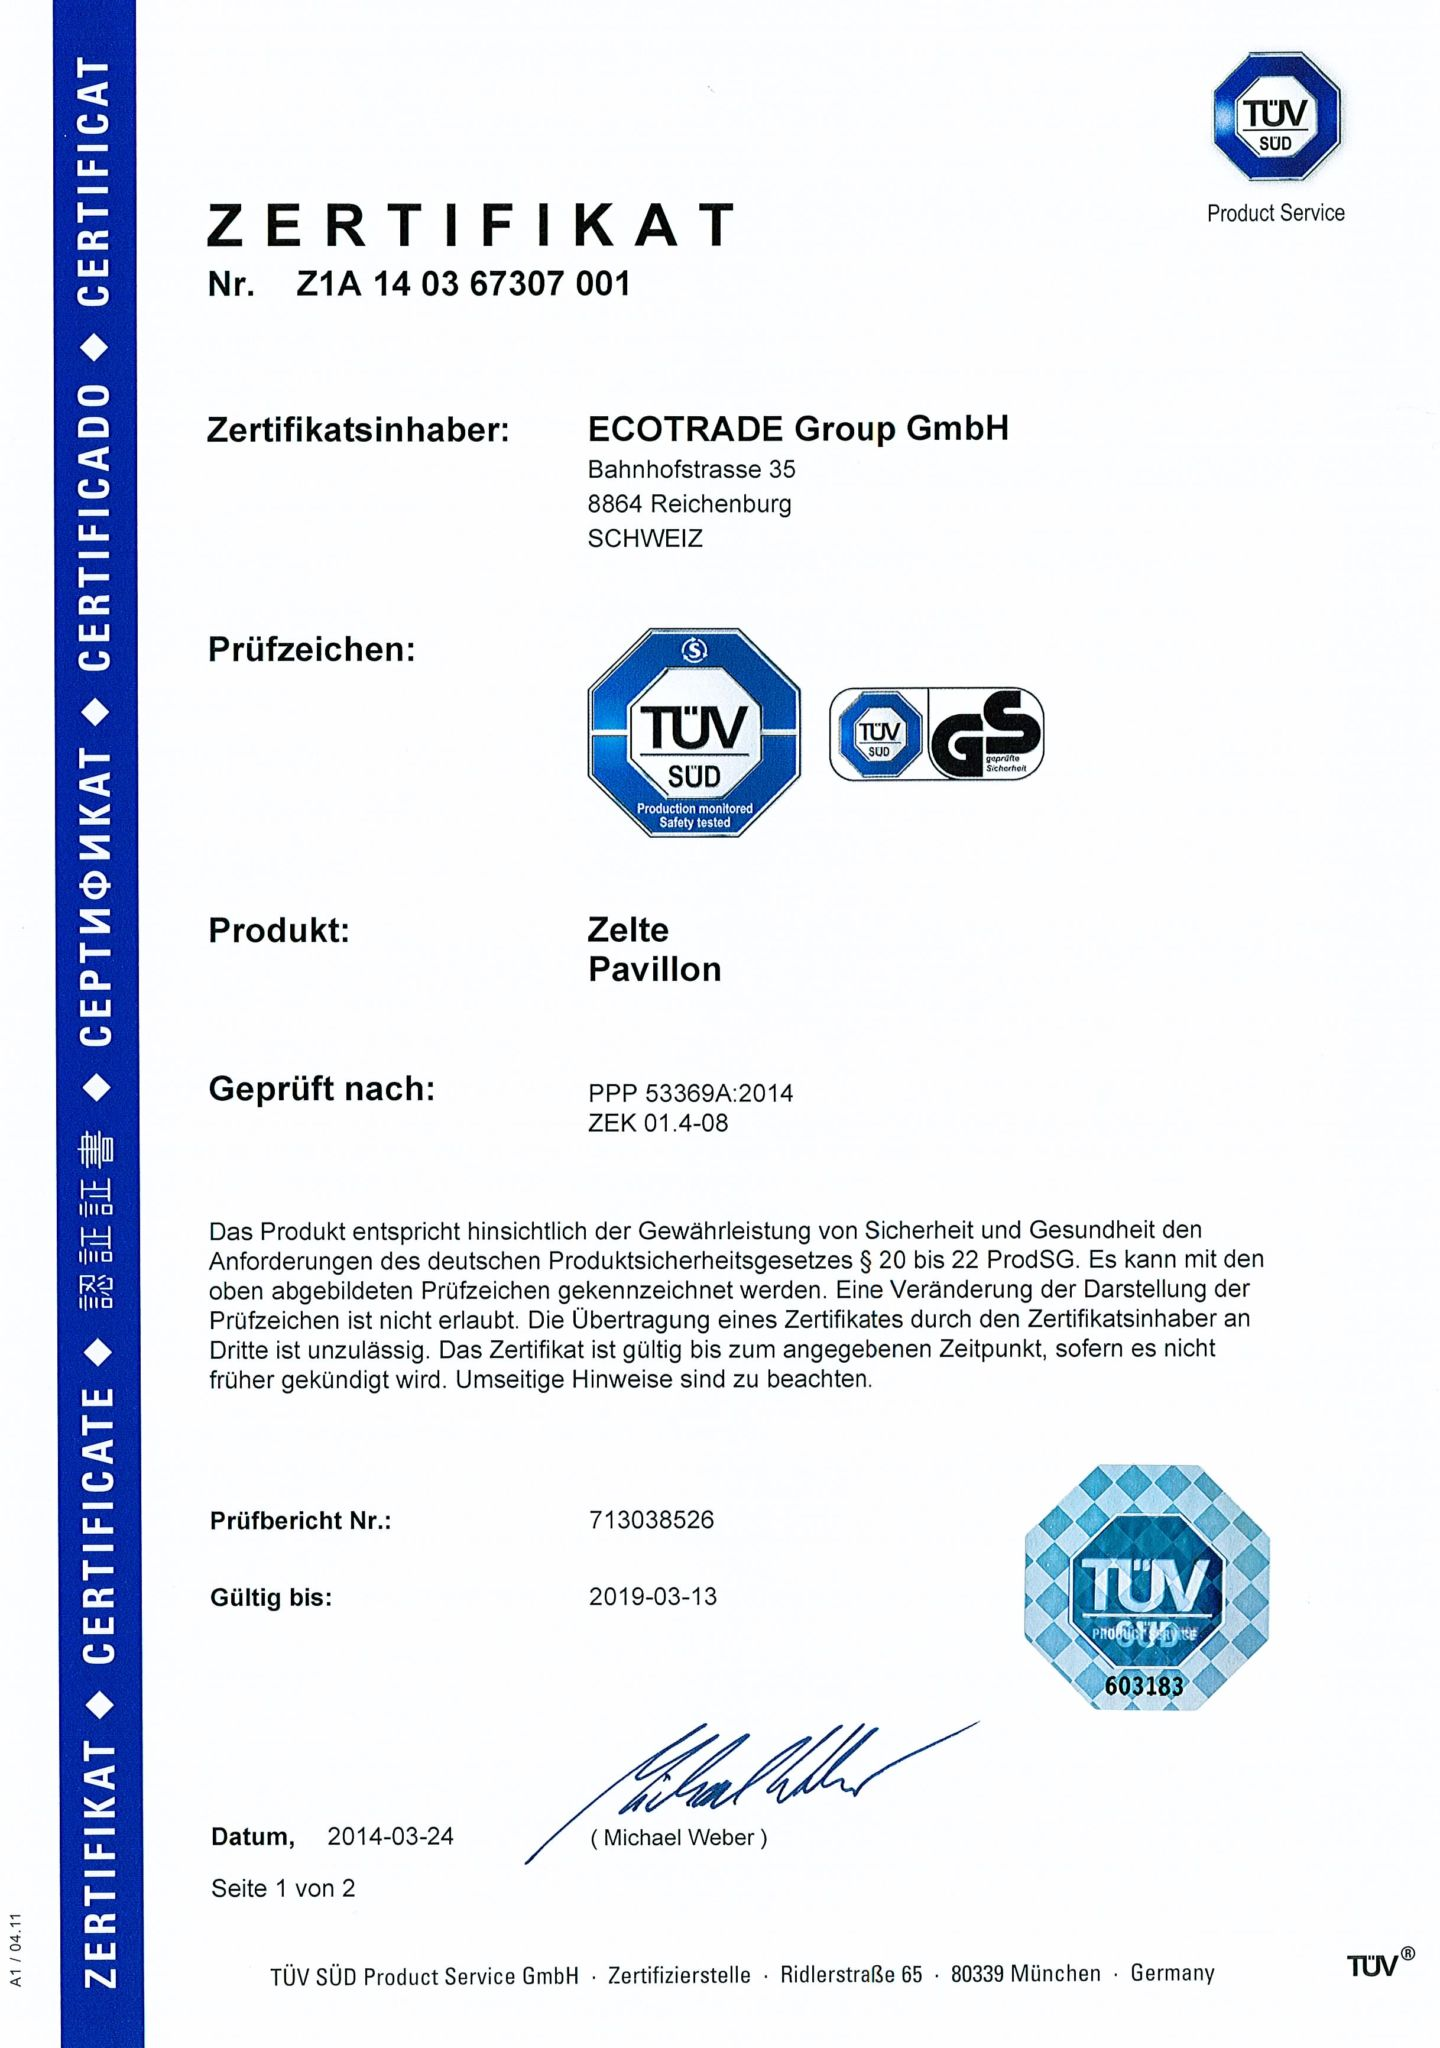 TÜV-Zertifikat Sicherheit und Gesundheit gewährleistet für Profi Faltpavillons